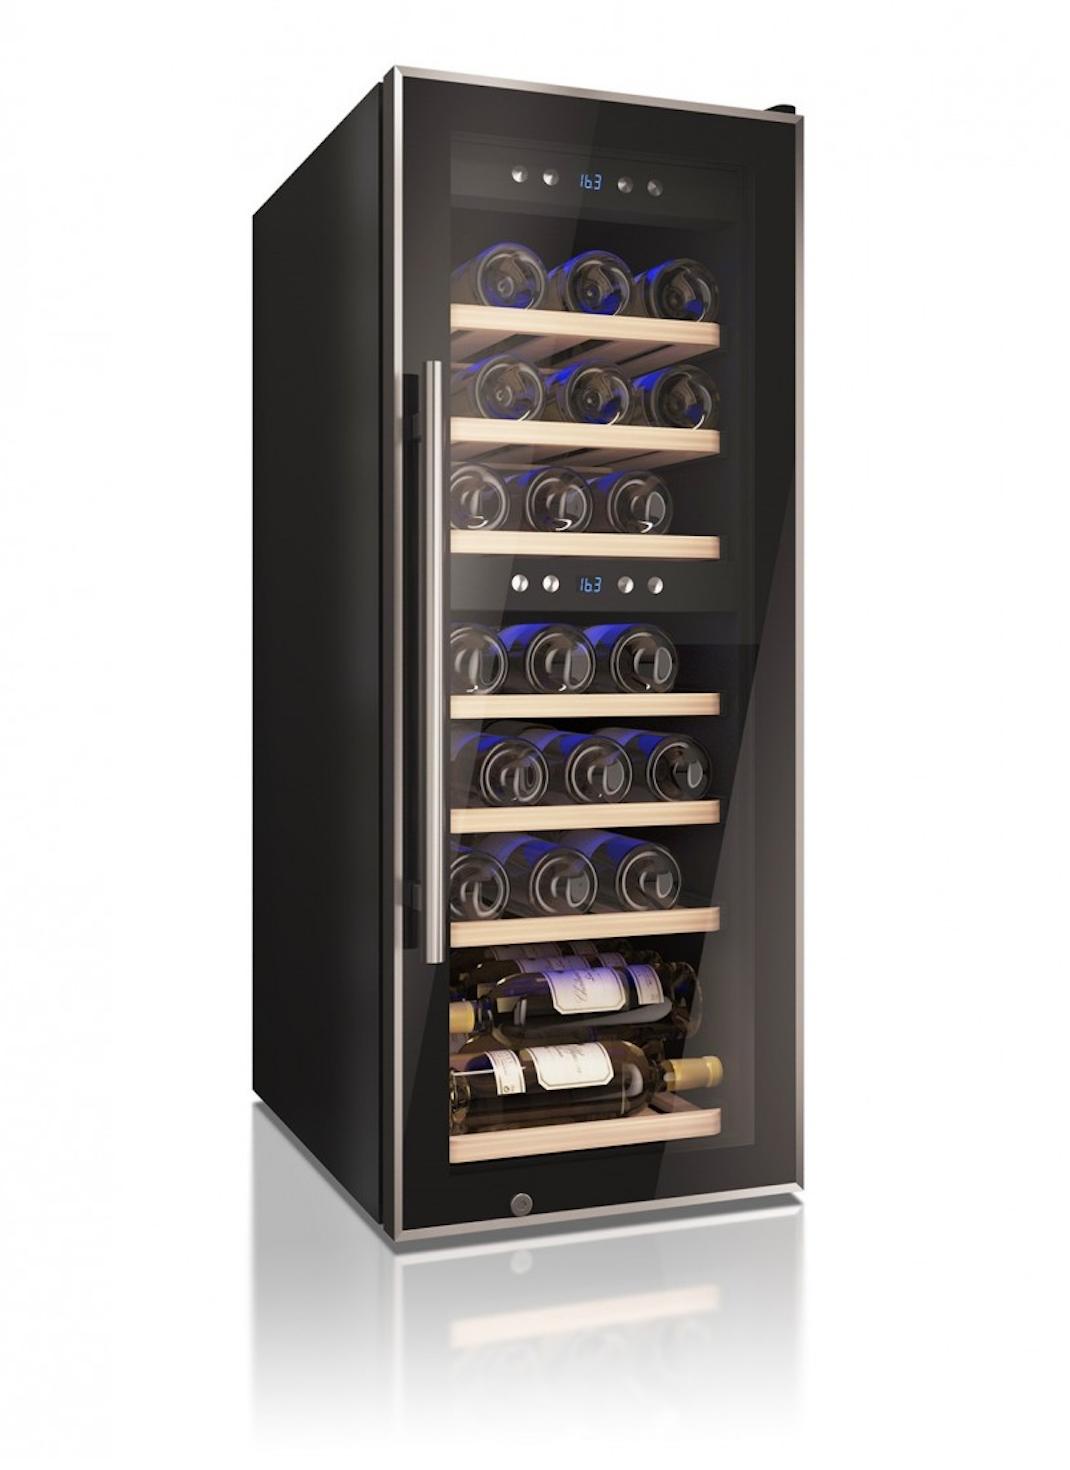 Cantinetta vino: scopri le migliori cantinette per vino